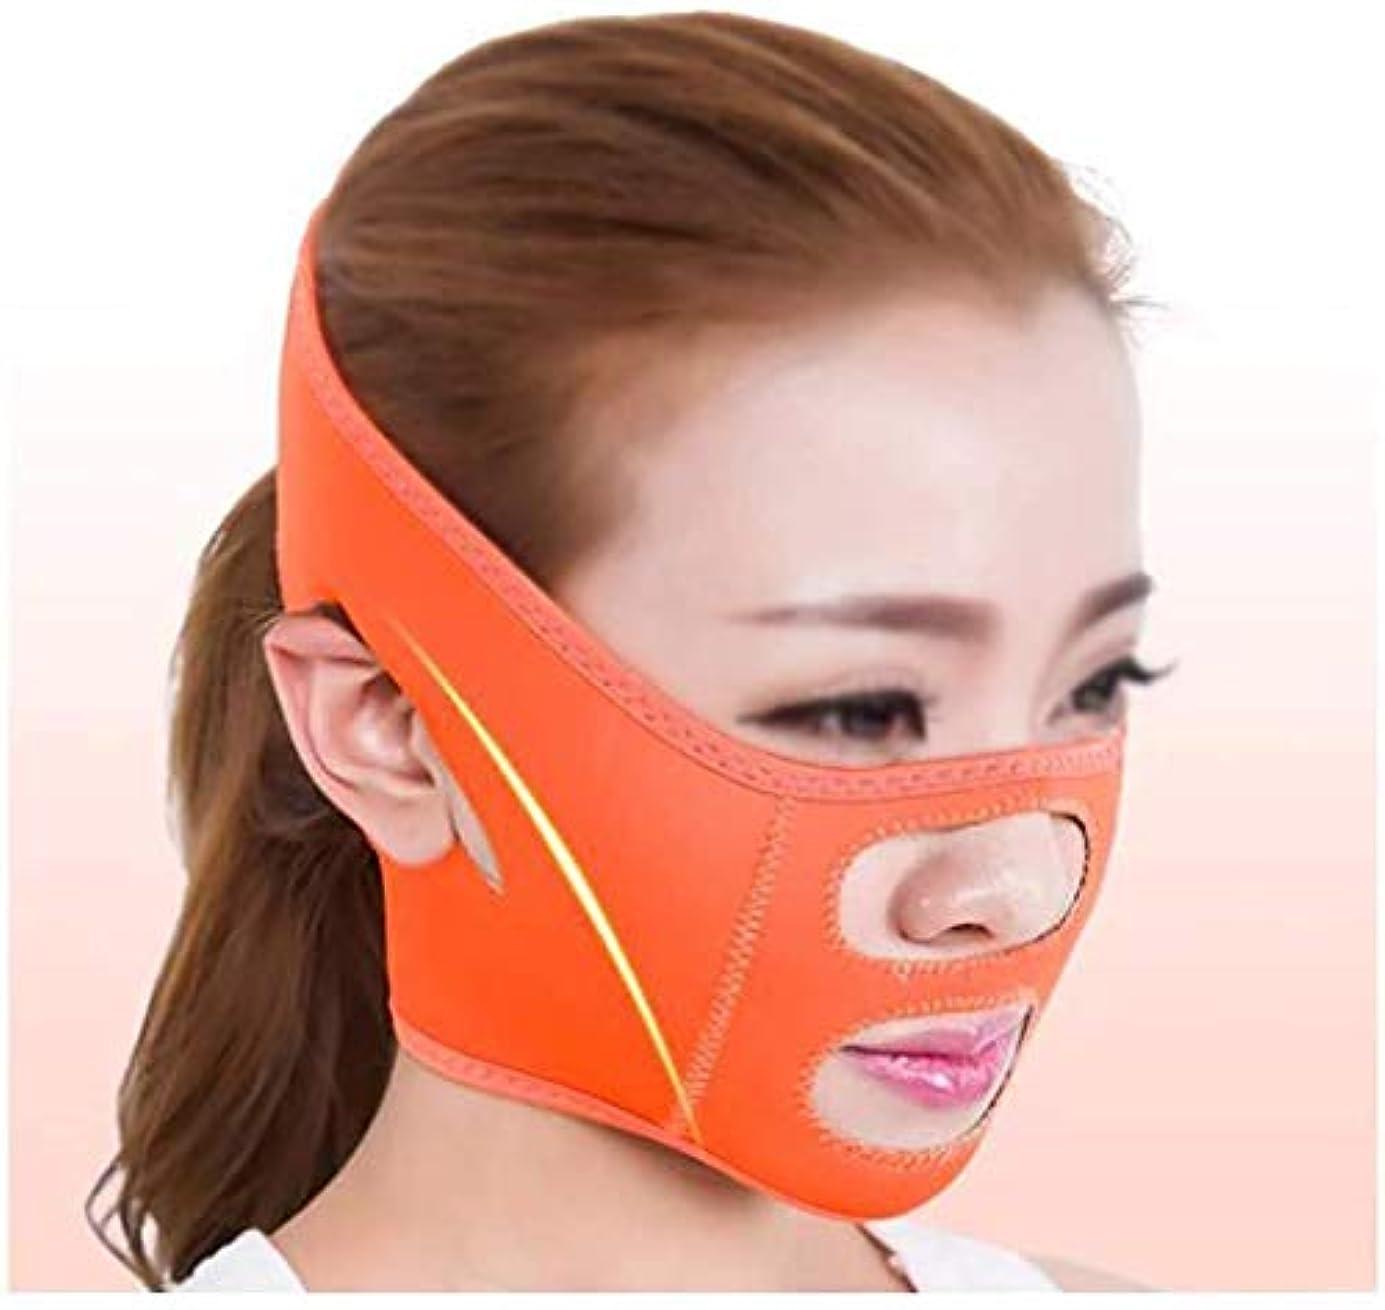 バッグラフかんがい美容と実用的なファーミングフェイスマスク、術後リフティングマスクホーム包帯シェーキングネットワーク赤女性Vフェイスステッカーストラップ楽器フェイスアーティファクト(色:オレンジ)